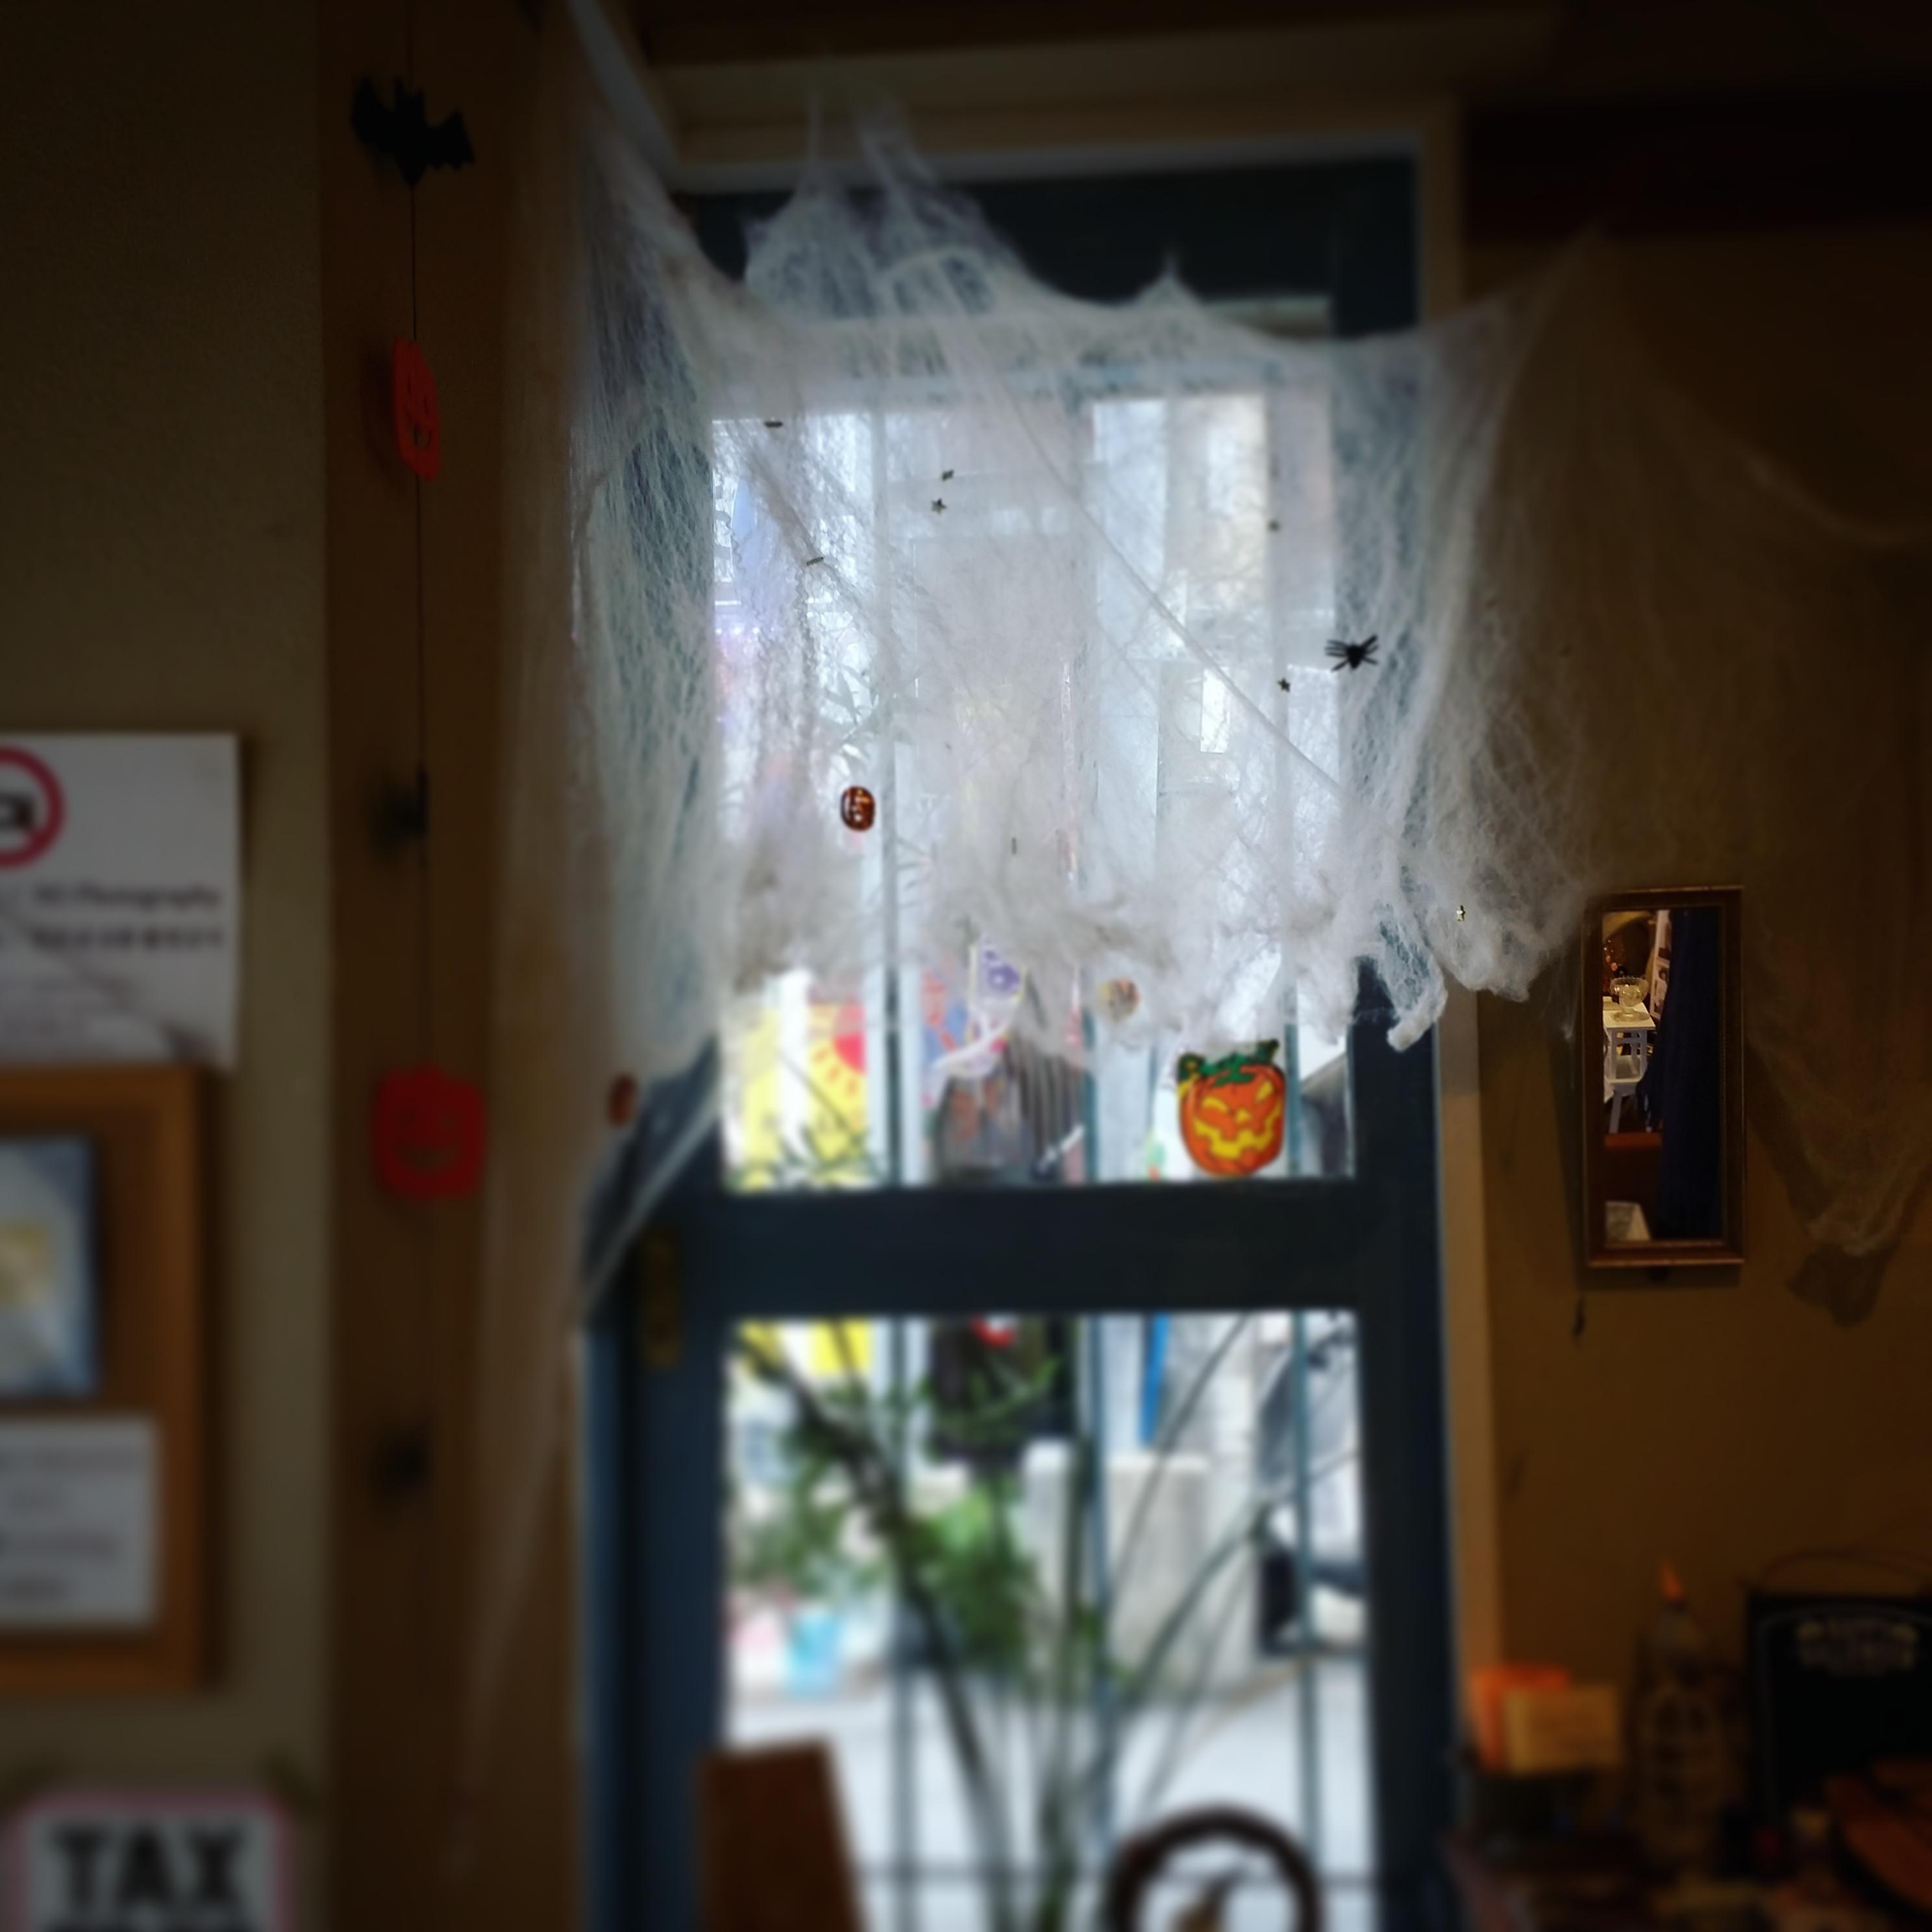 蜘蛛の巣 Halloween pumpkin ジャックオランタン コウモリ